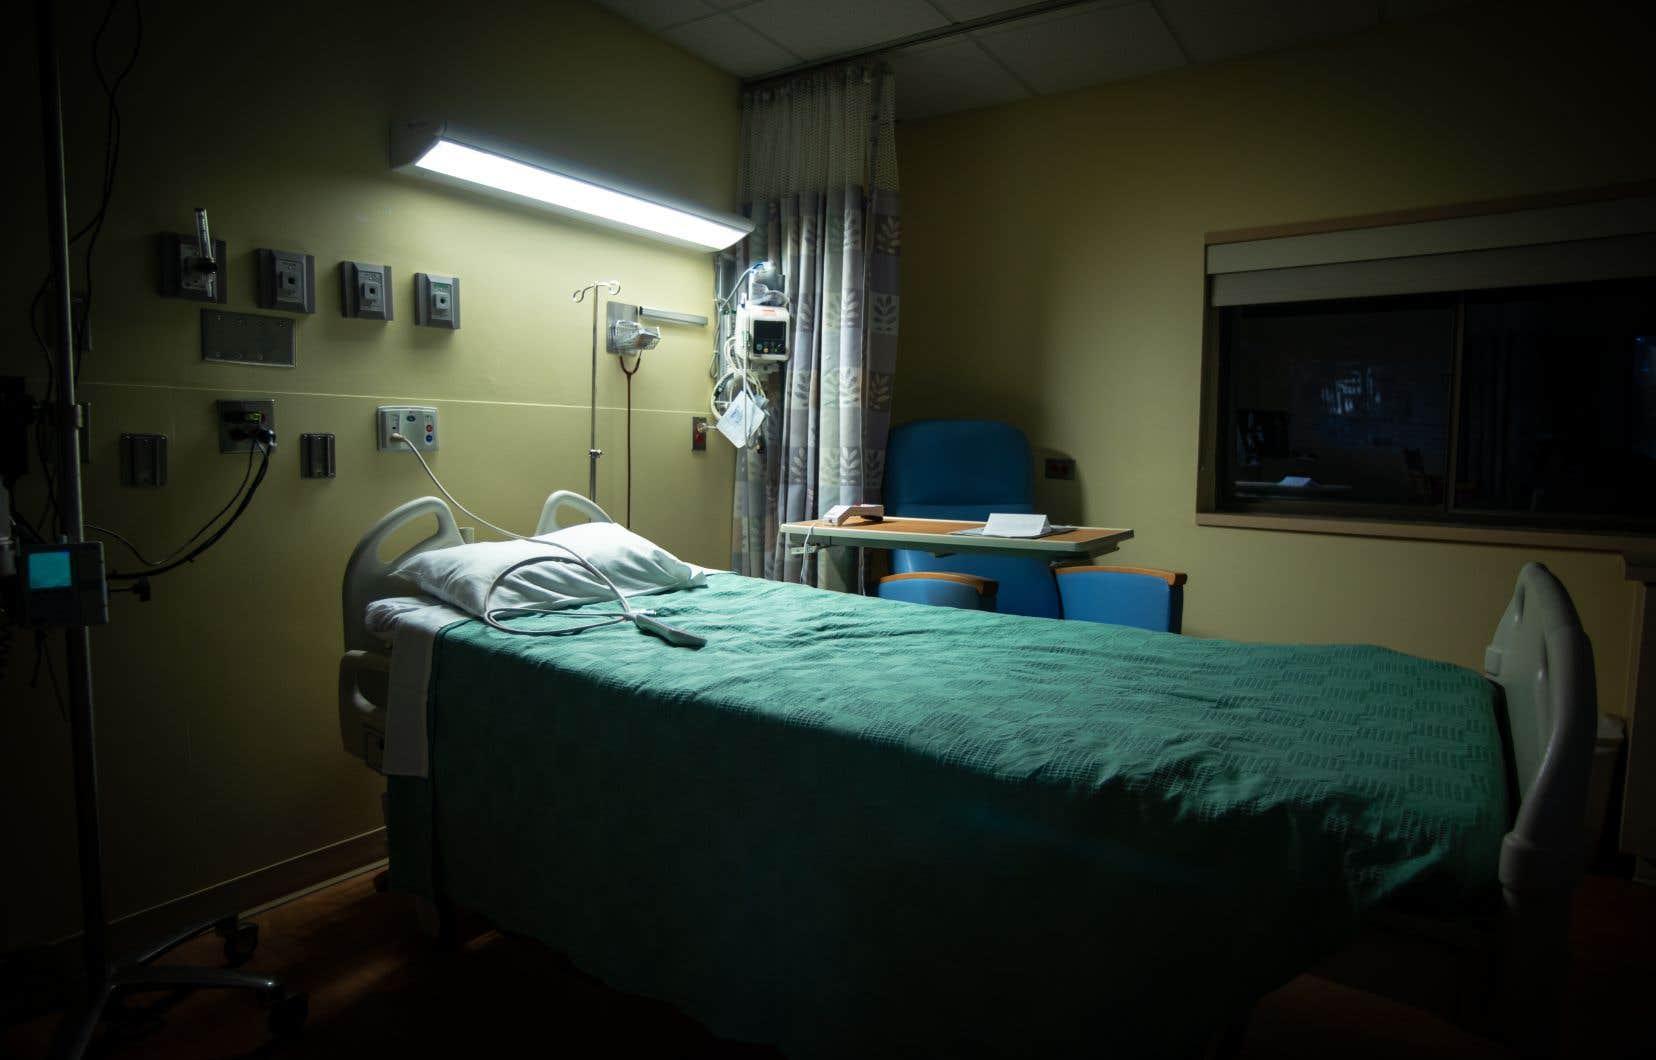 Faute de personnel suffisant et en raison d'un achalandage «élevé», le centre hospitalier a dû fermer les services ambulatoires de son urgence jusqu'à 16h jeudi.